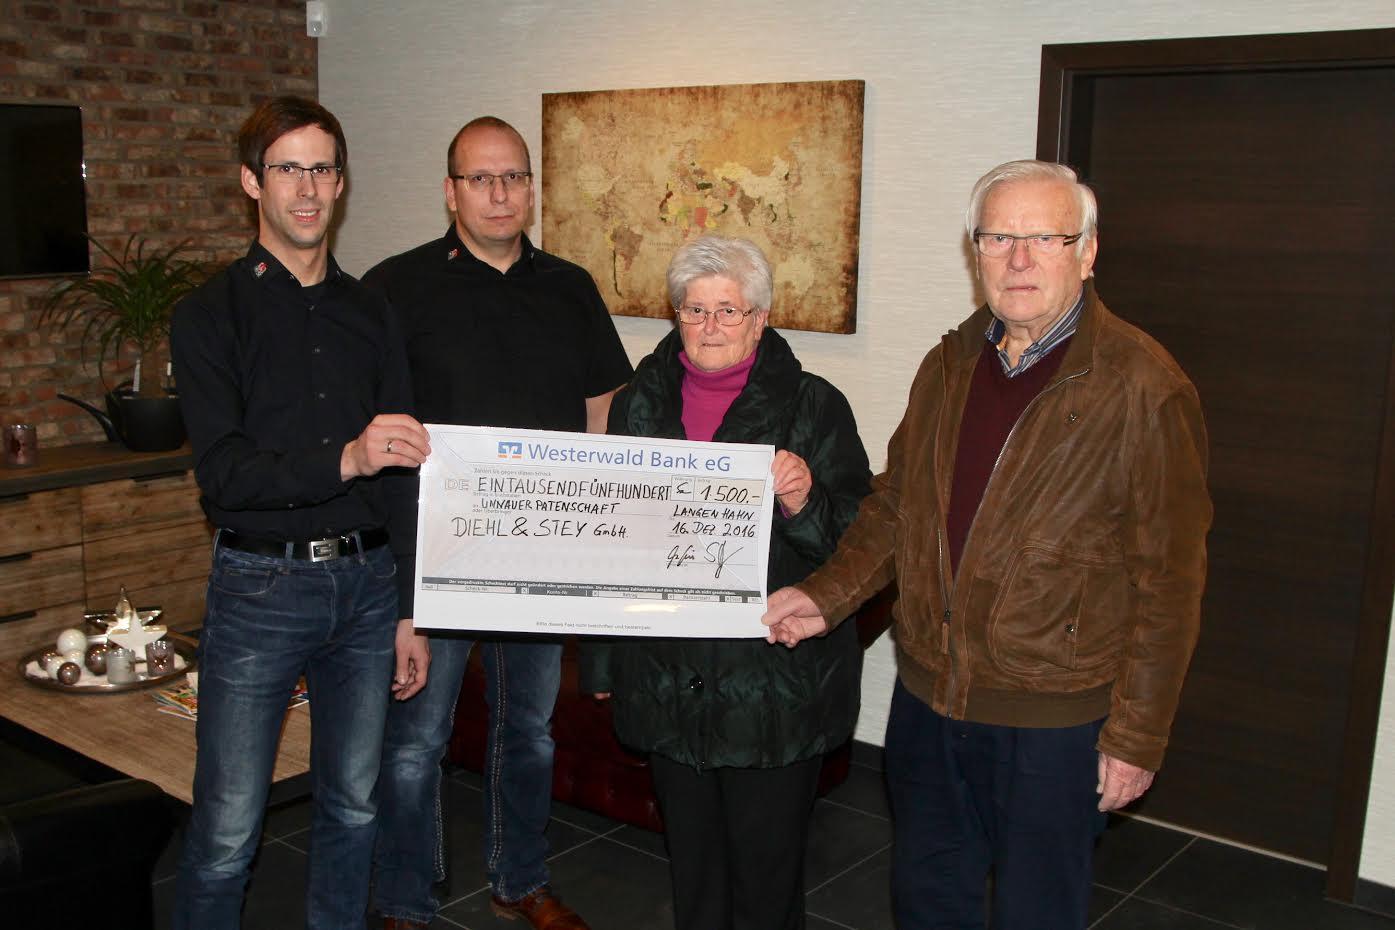 Den obligatorischen Spendenscheck überreichten v.l. die Geschäftsführer Matthias Diehl und Marcus Stey an Ursula Eller und Gerhard Marose von der UP.